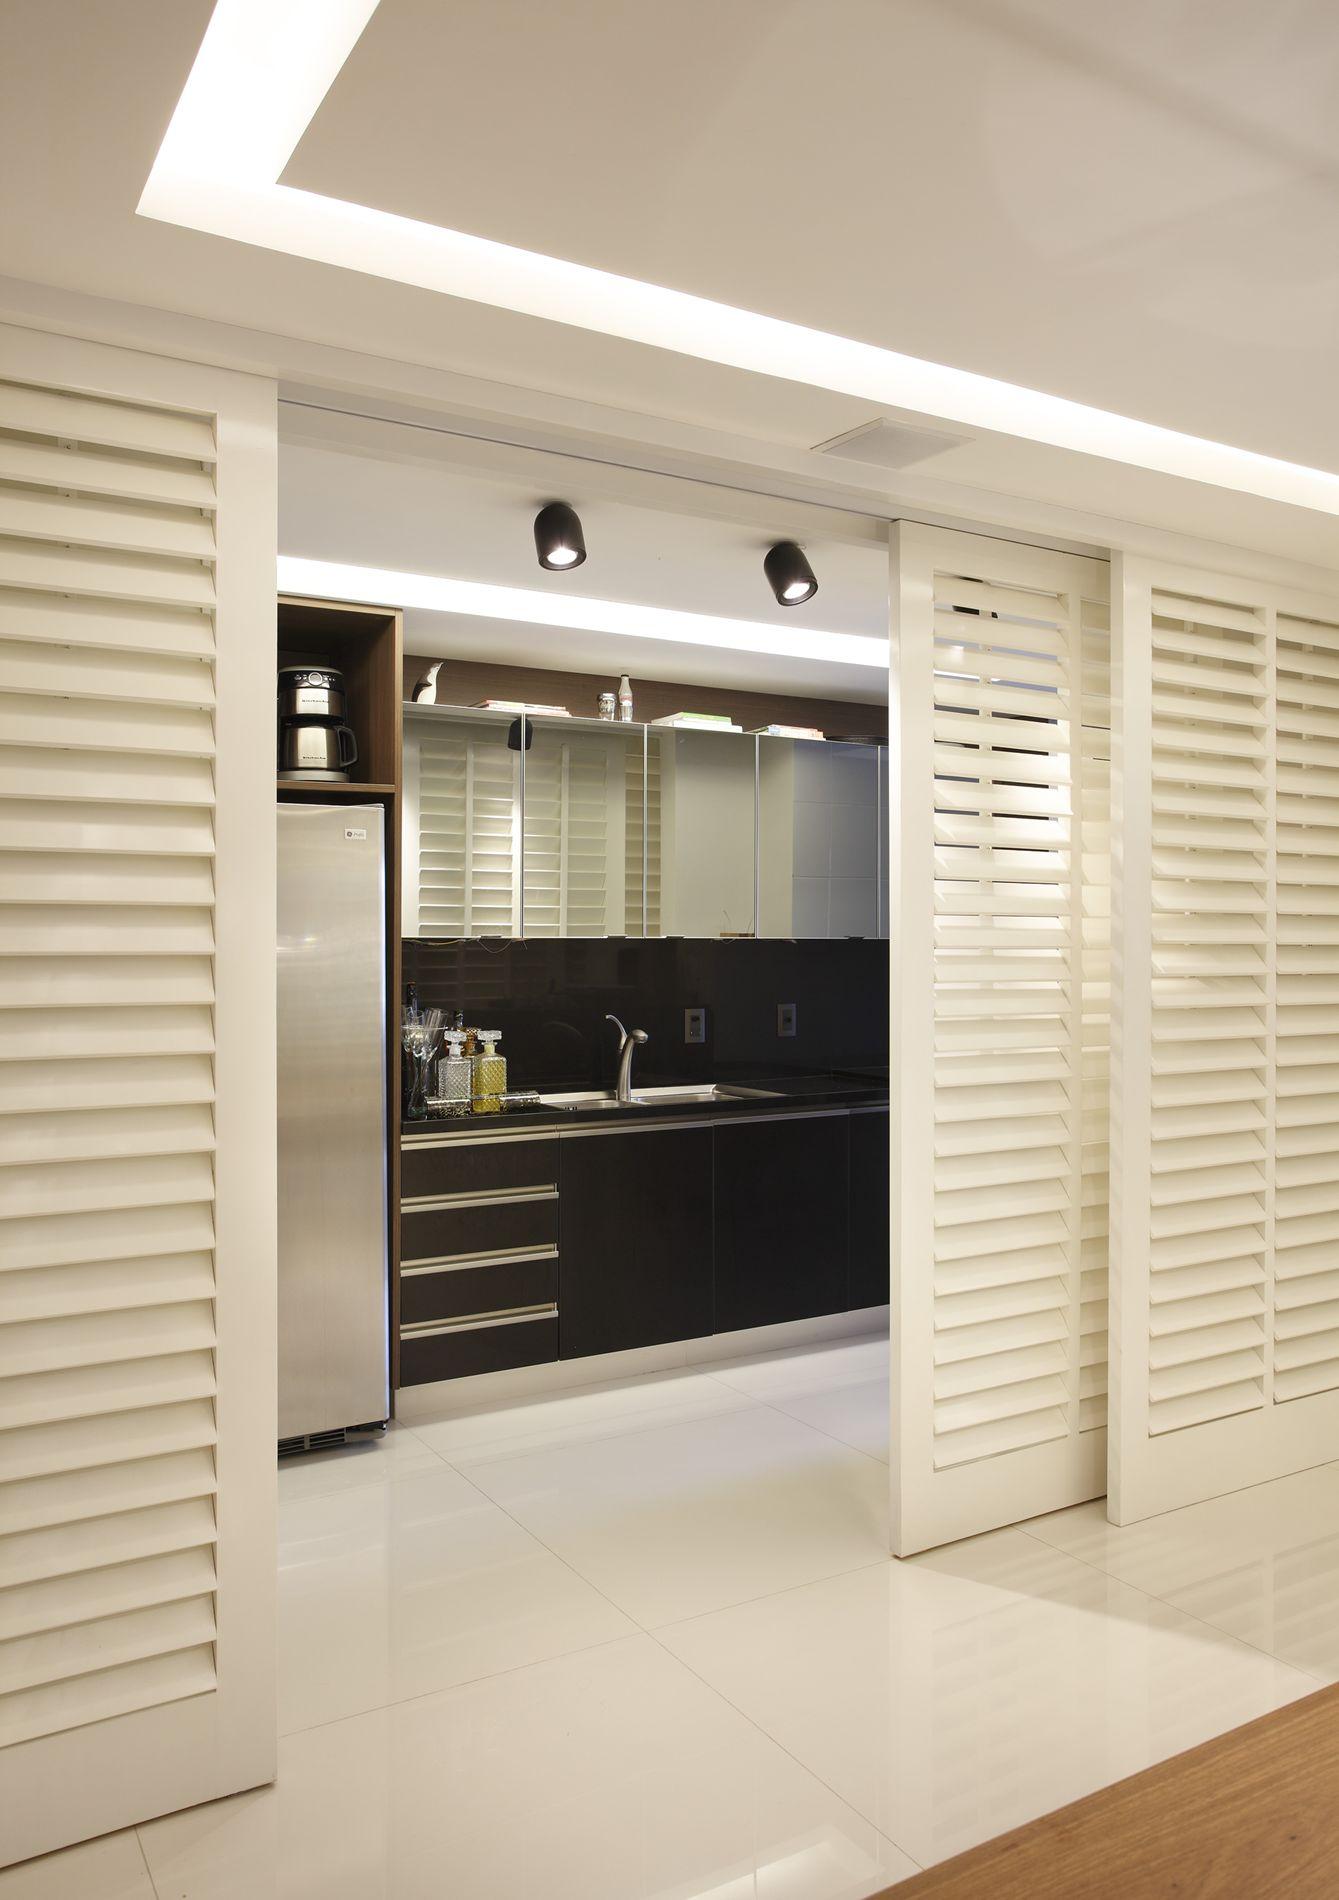 Projeto de Arquitetura para Cozinhas Pequenas de Apartamento #896742 1339 1900